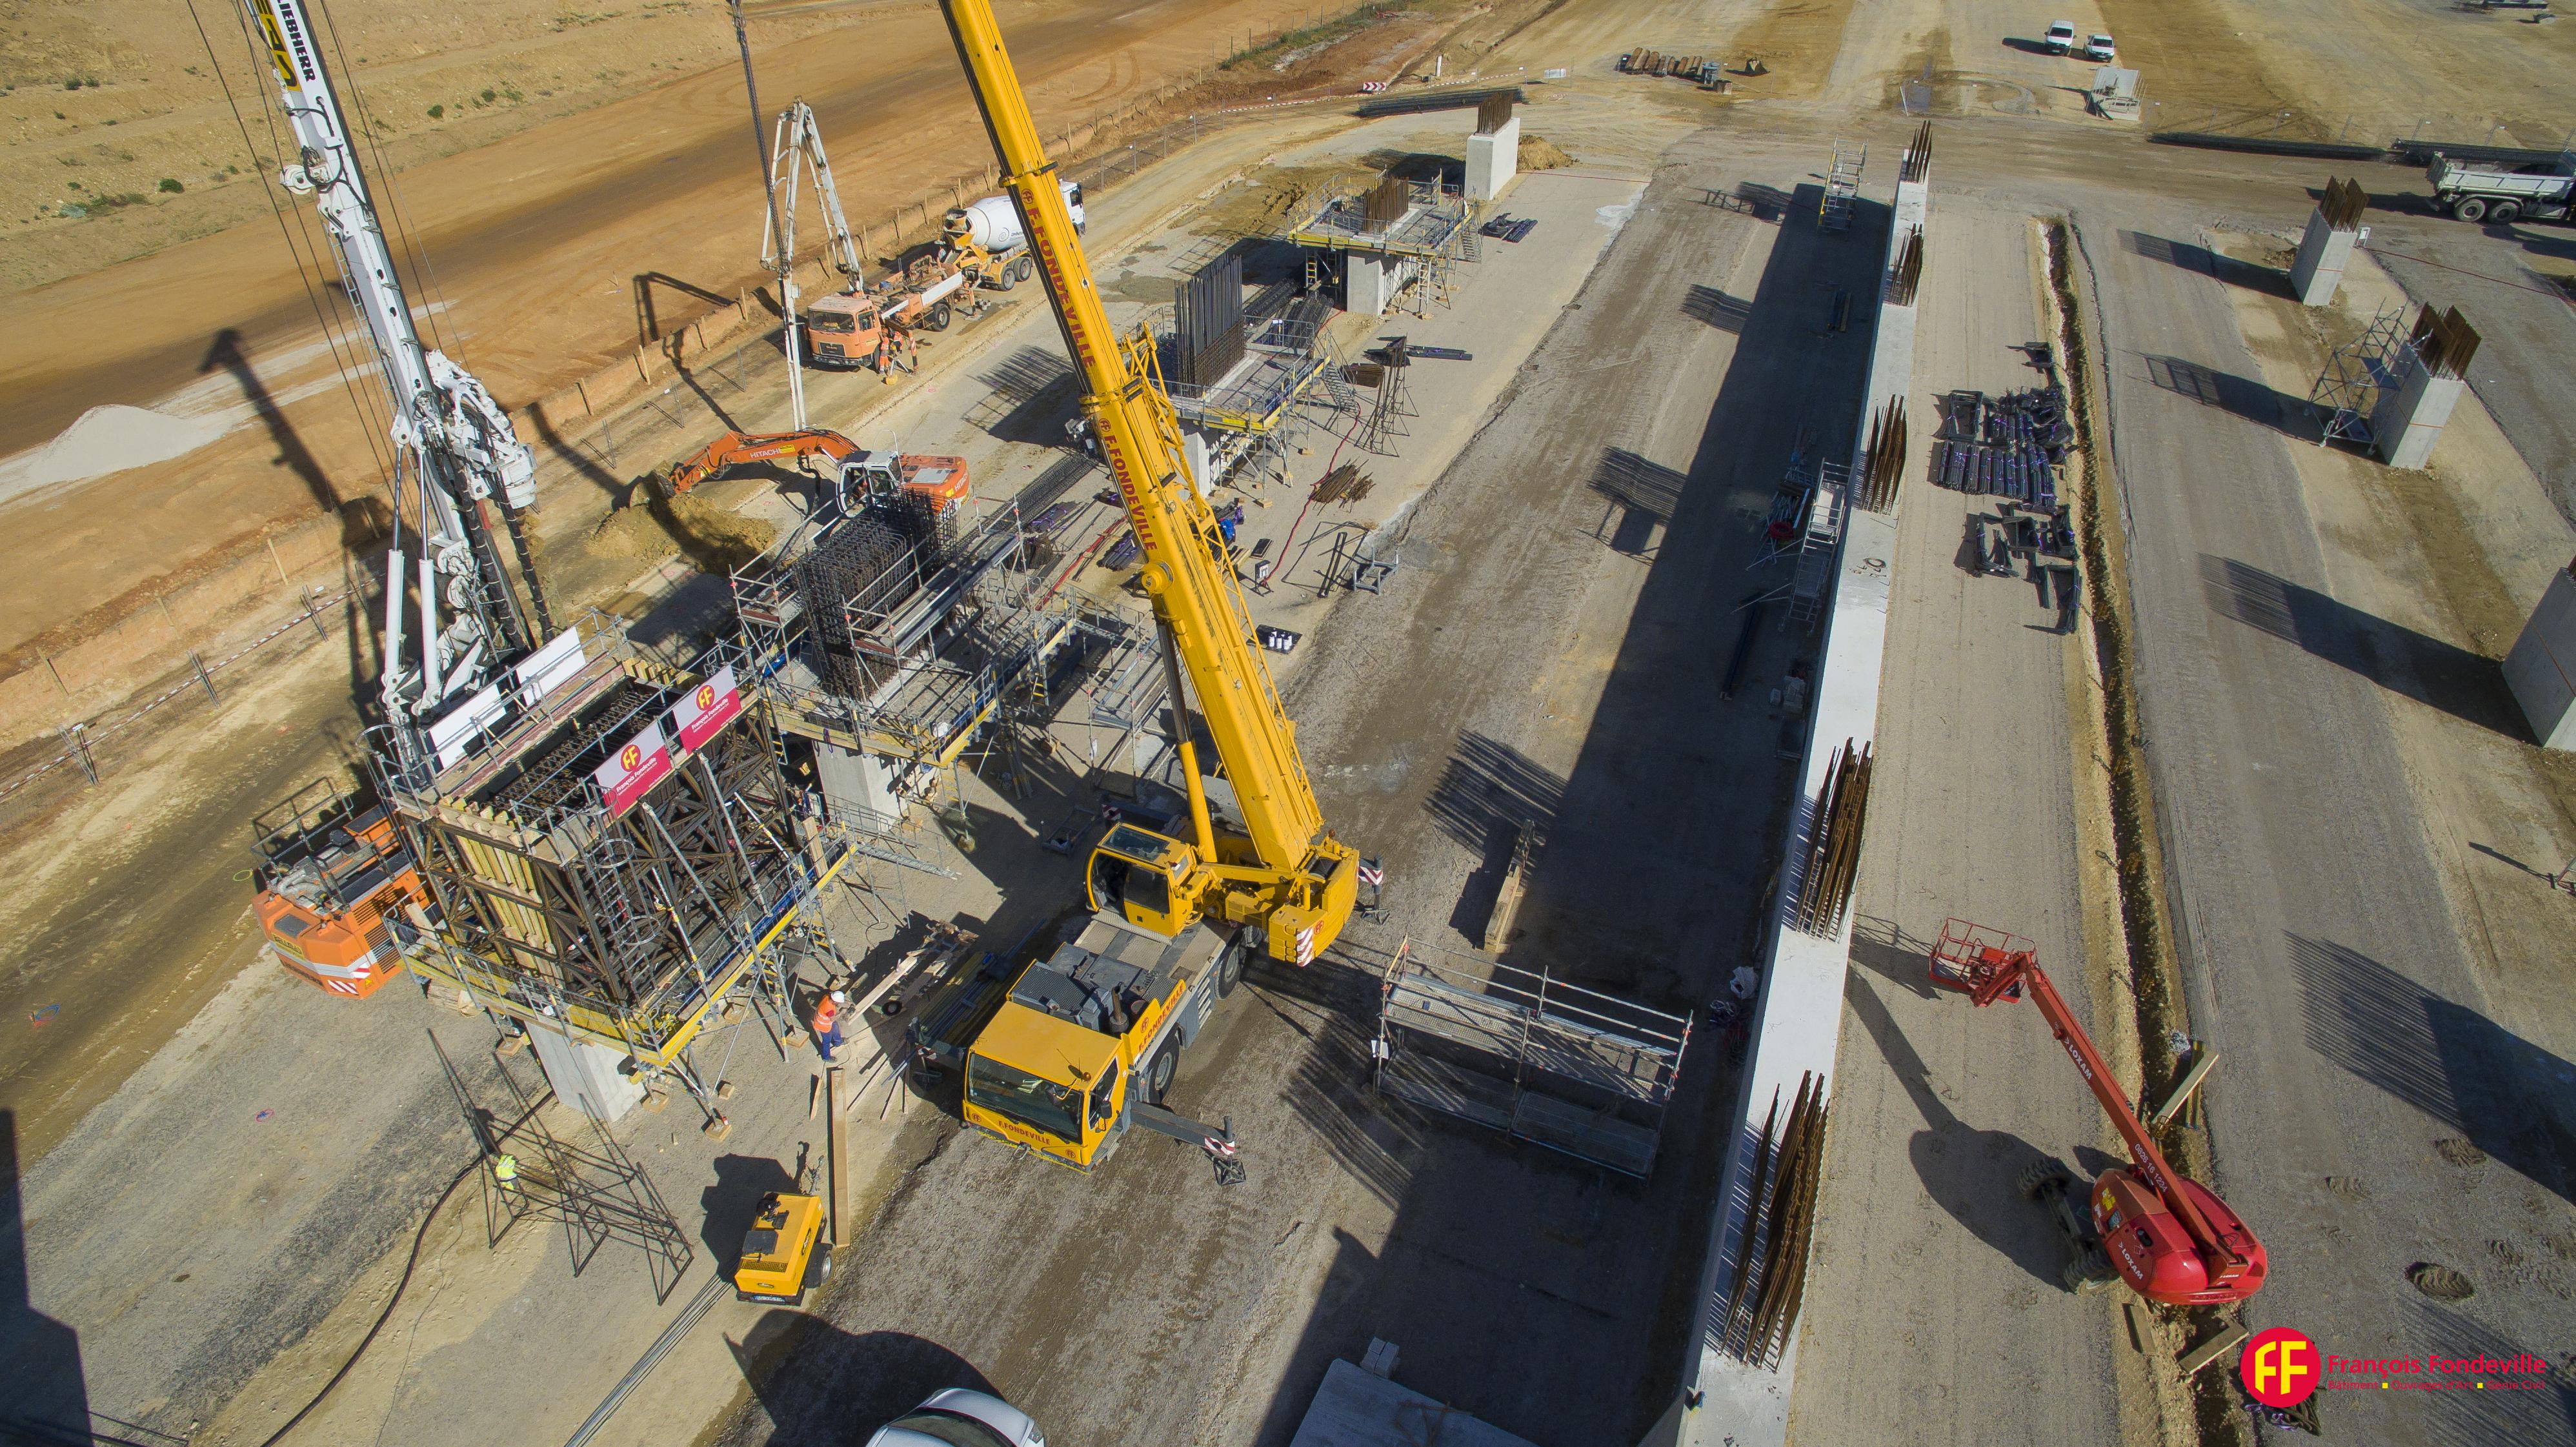 Reportage photo de suivi de chantier. Dronestudio, société spécialisé en prise de vue aérienne par drone vous présente sa page dédiée à la photo aérienne de suivi de chantier. Photographie aérienne du chantier de la nouvelle gare de Montpellier. © Dronestudio